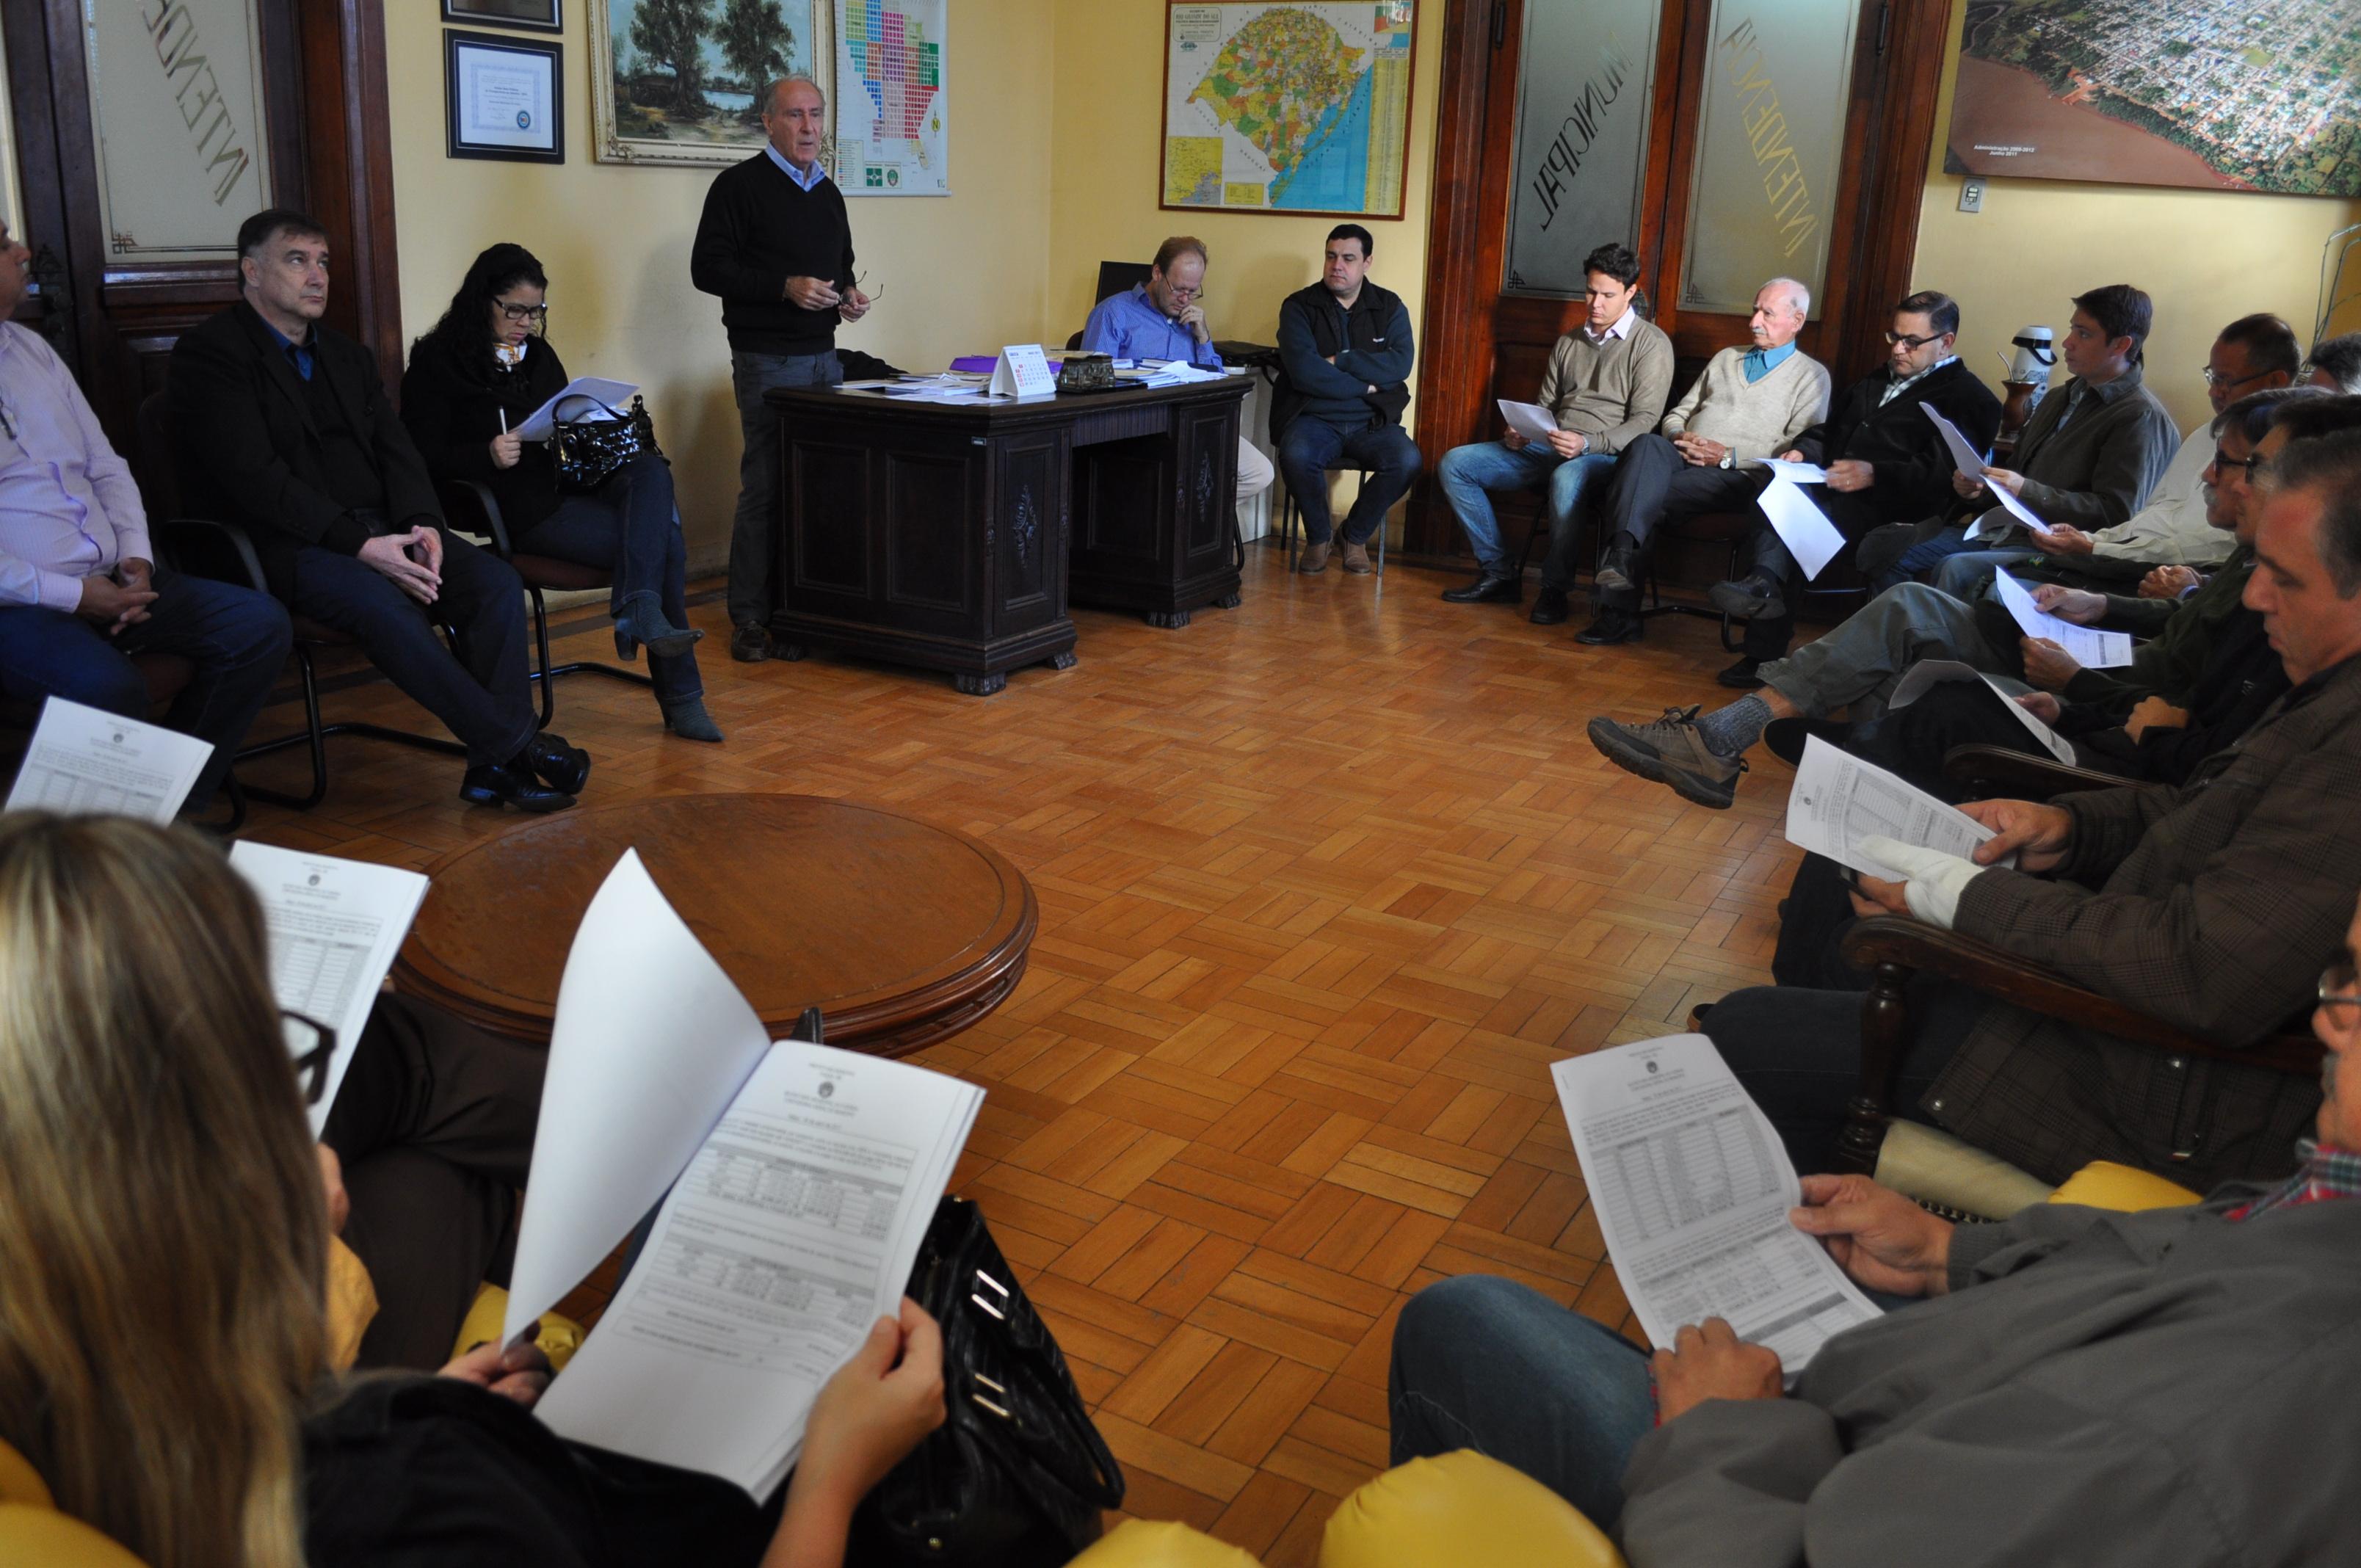 Prefeito apresentando relatório financeiro durante a reunião.